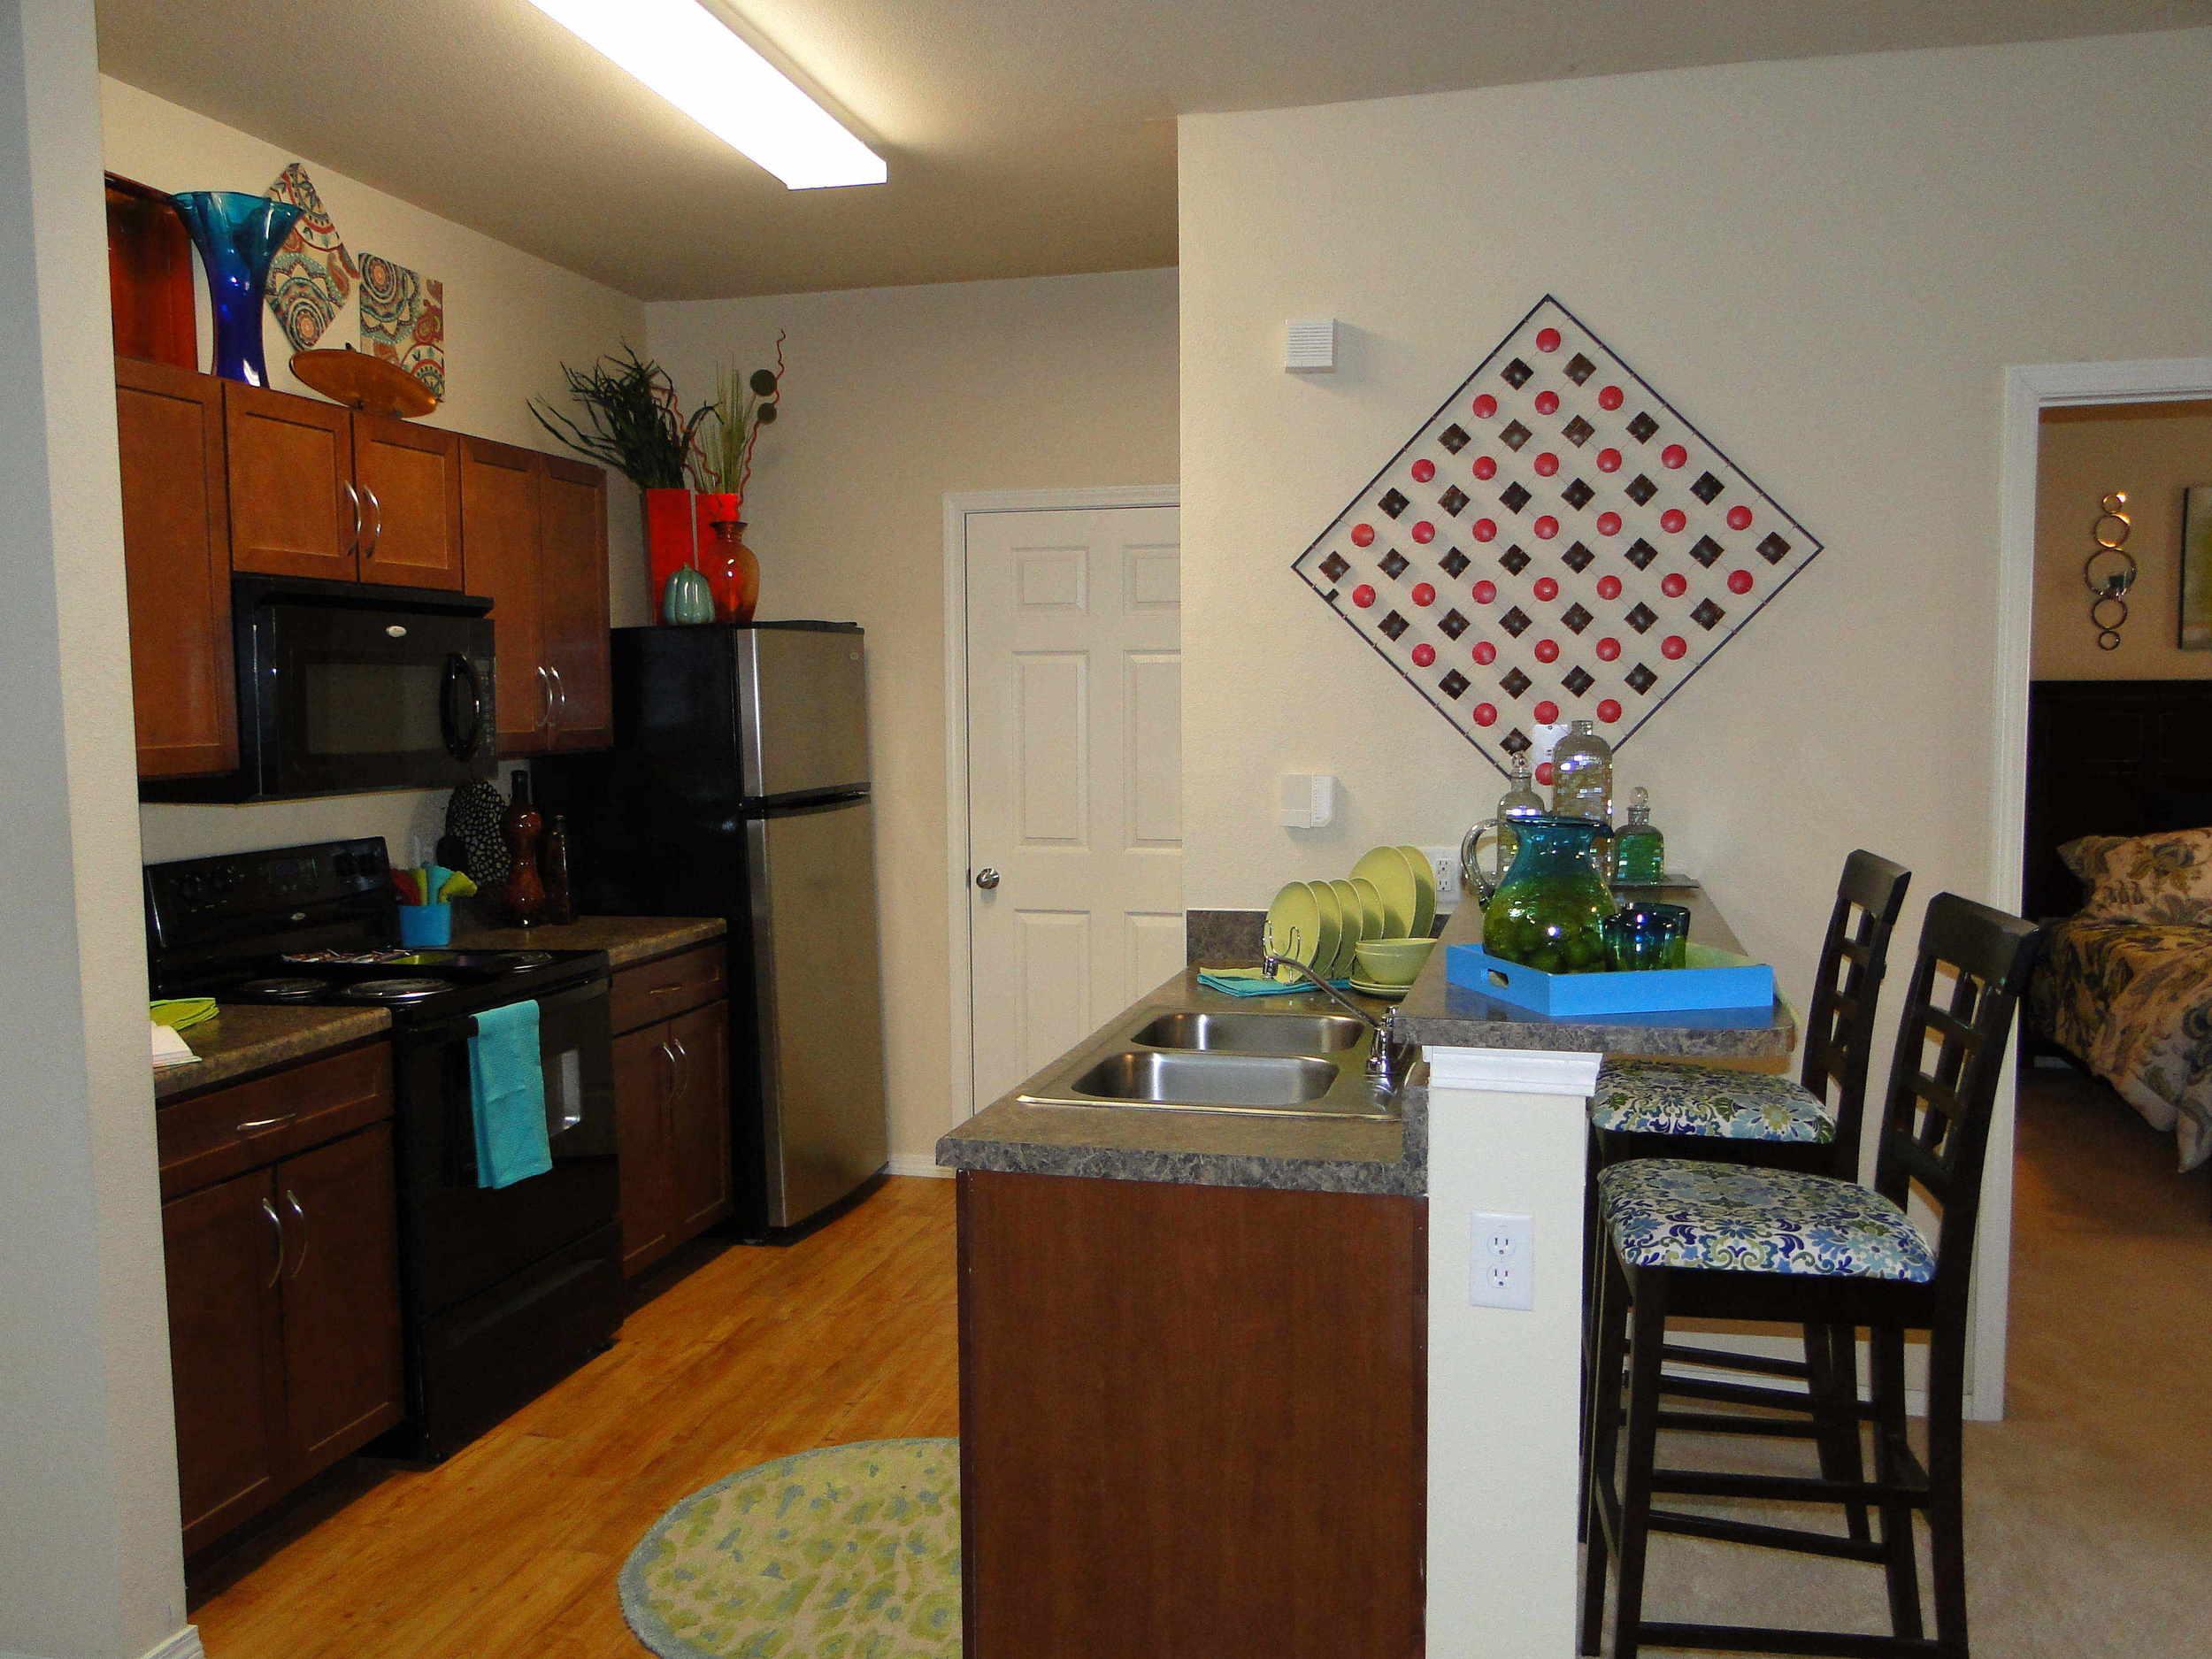 Grand prairie tx apartments for rent near arlington for Modern home decor grande prairie